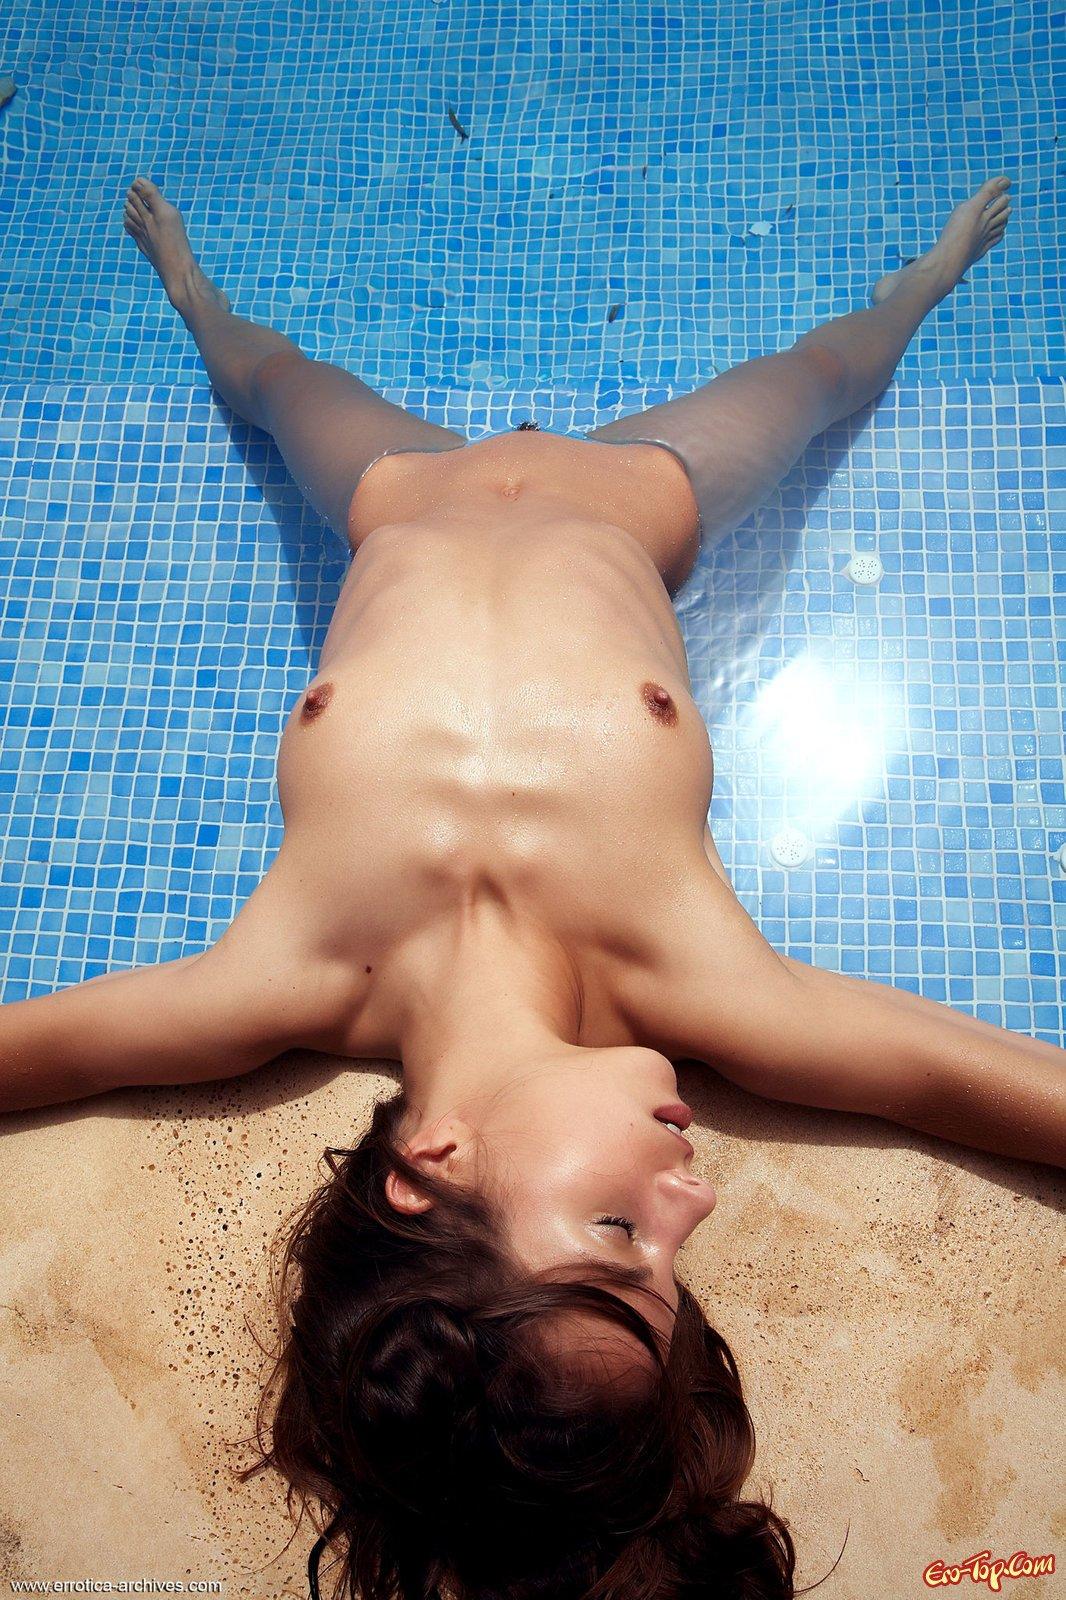 Обнаженная девушка купается и демонстрирует себя в бассейне